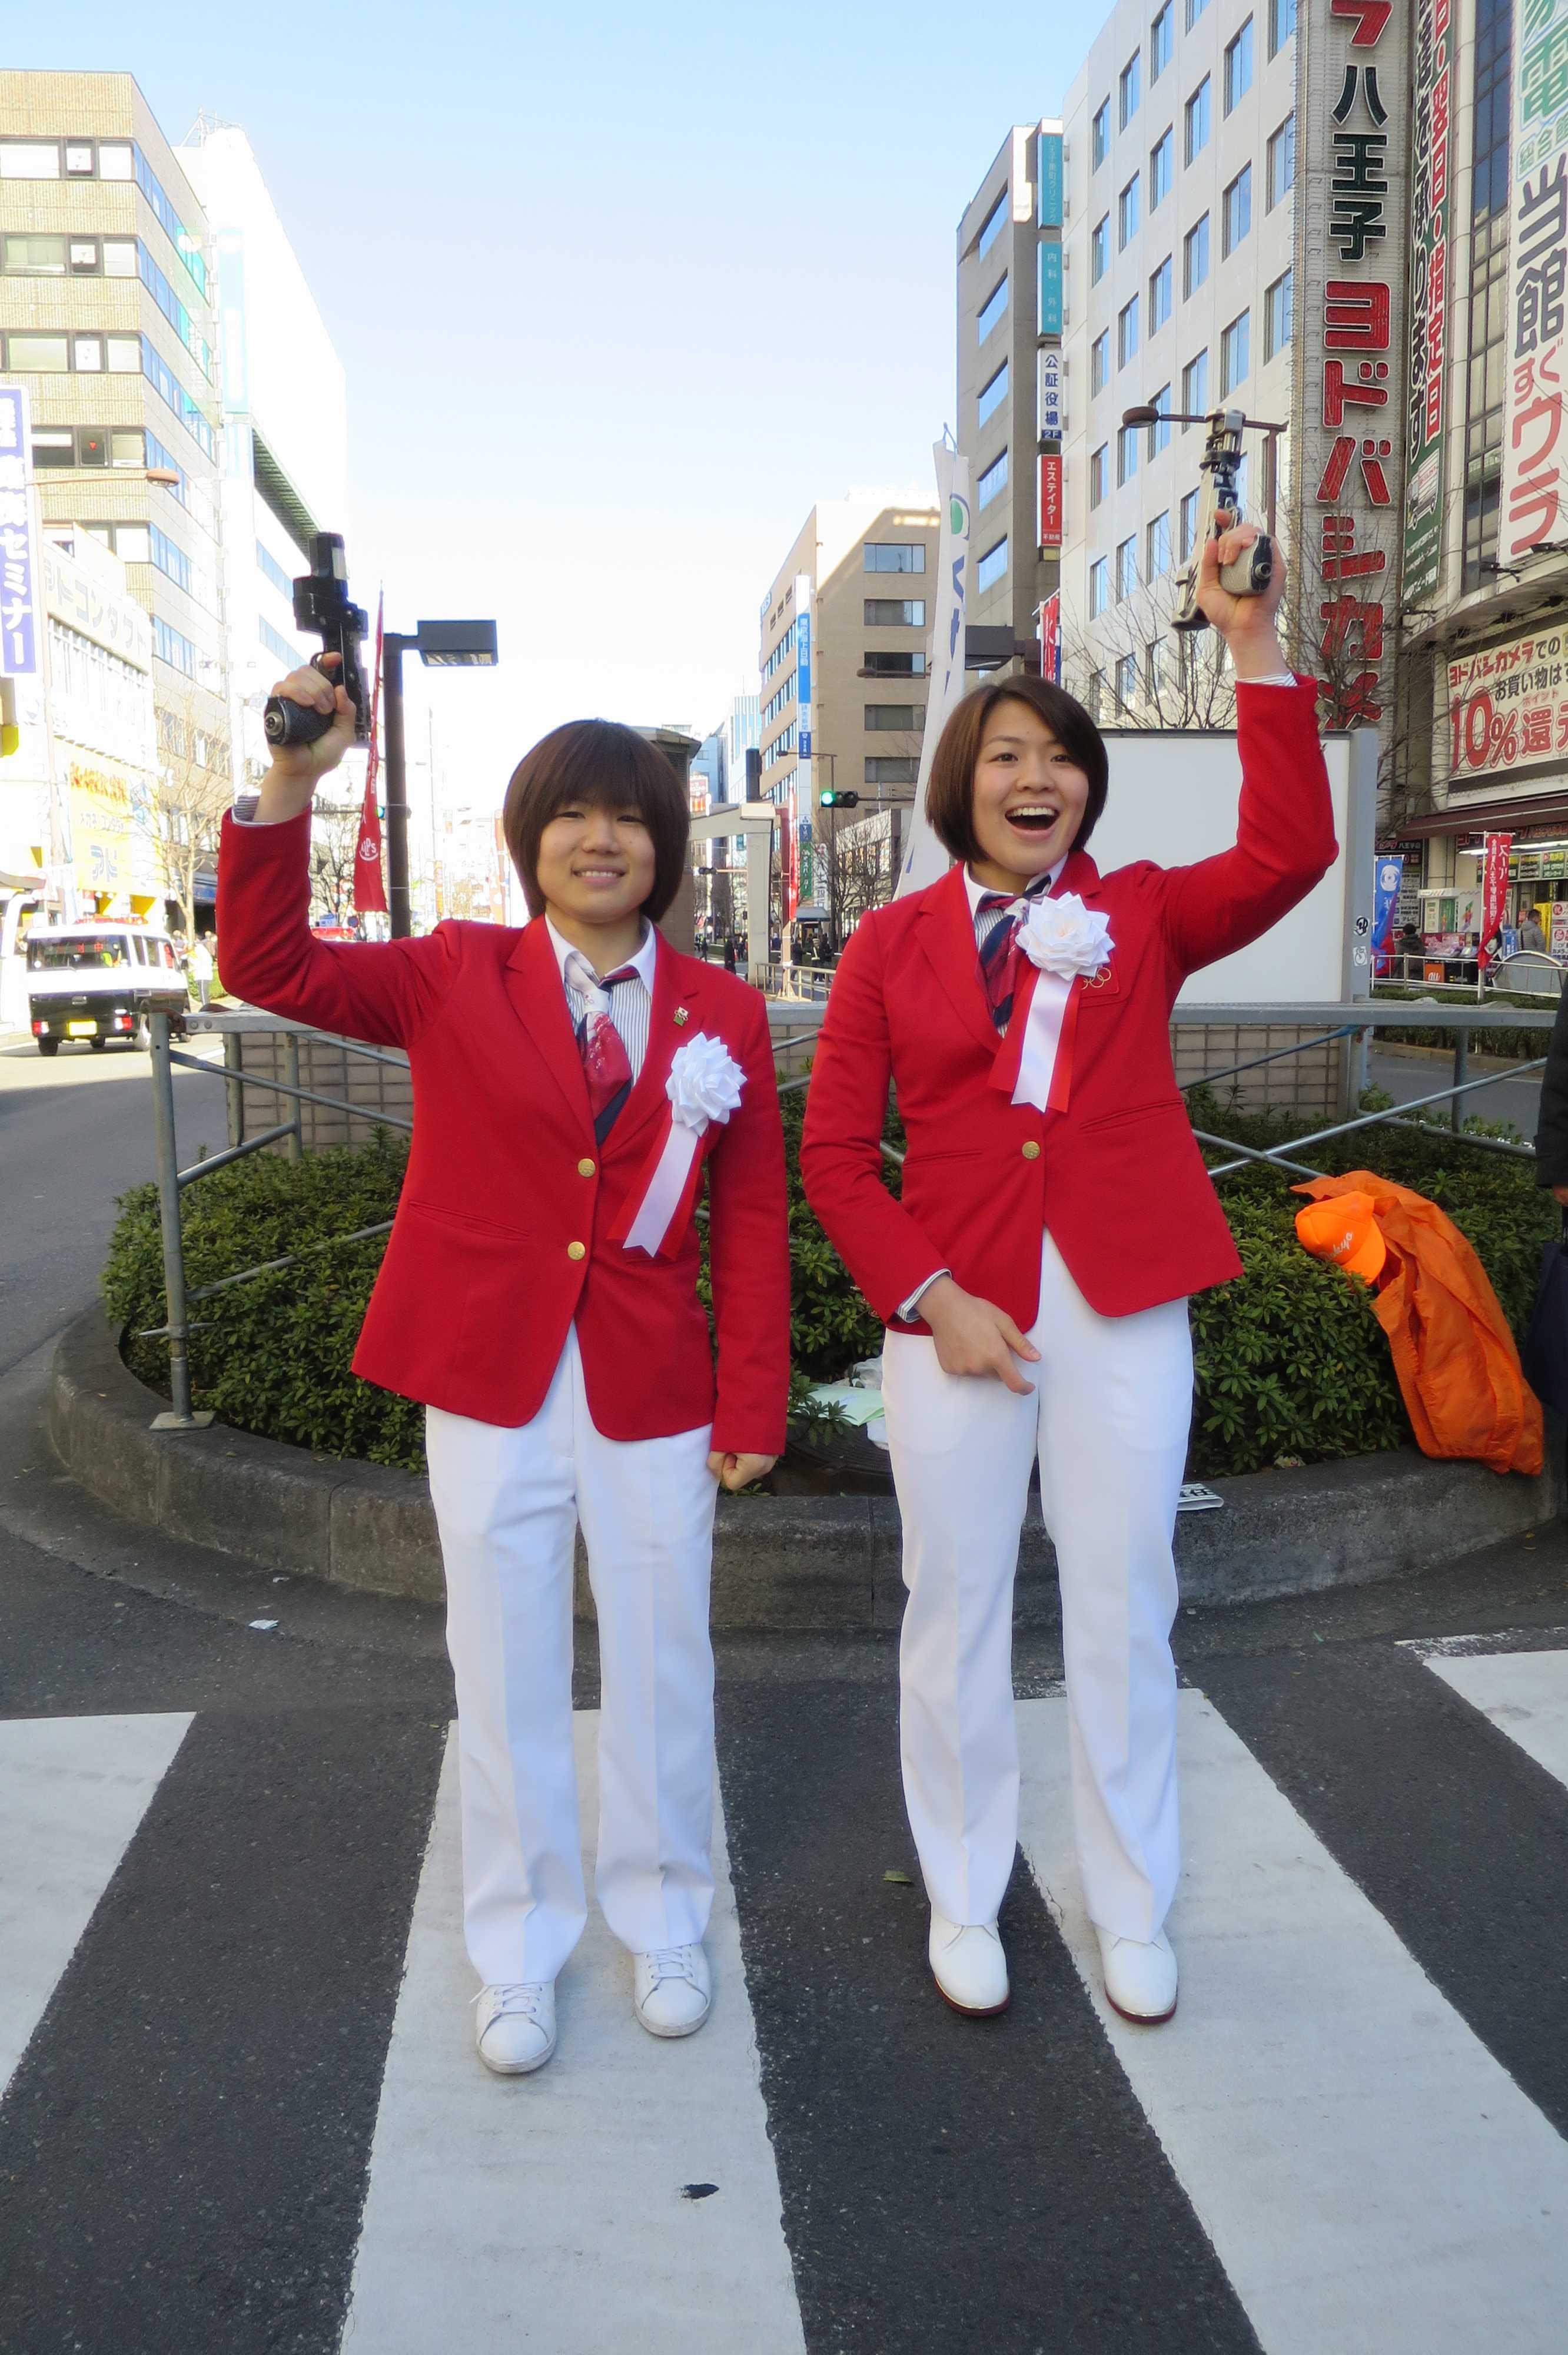 女子柔道の中村美里選手と田代未来(みく)選手のかわいい写真